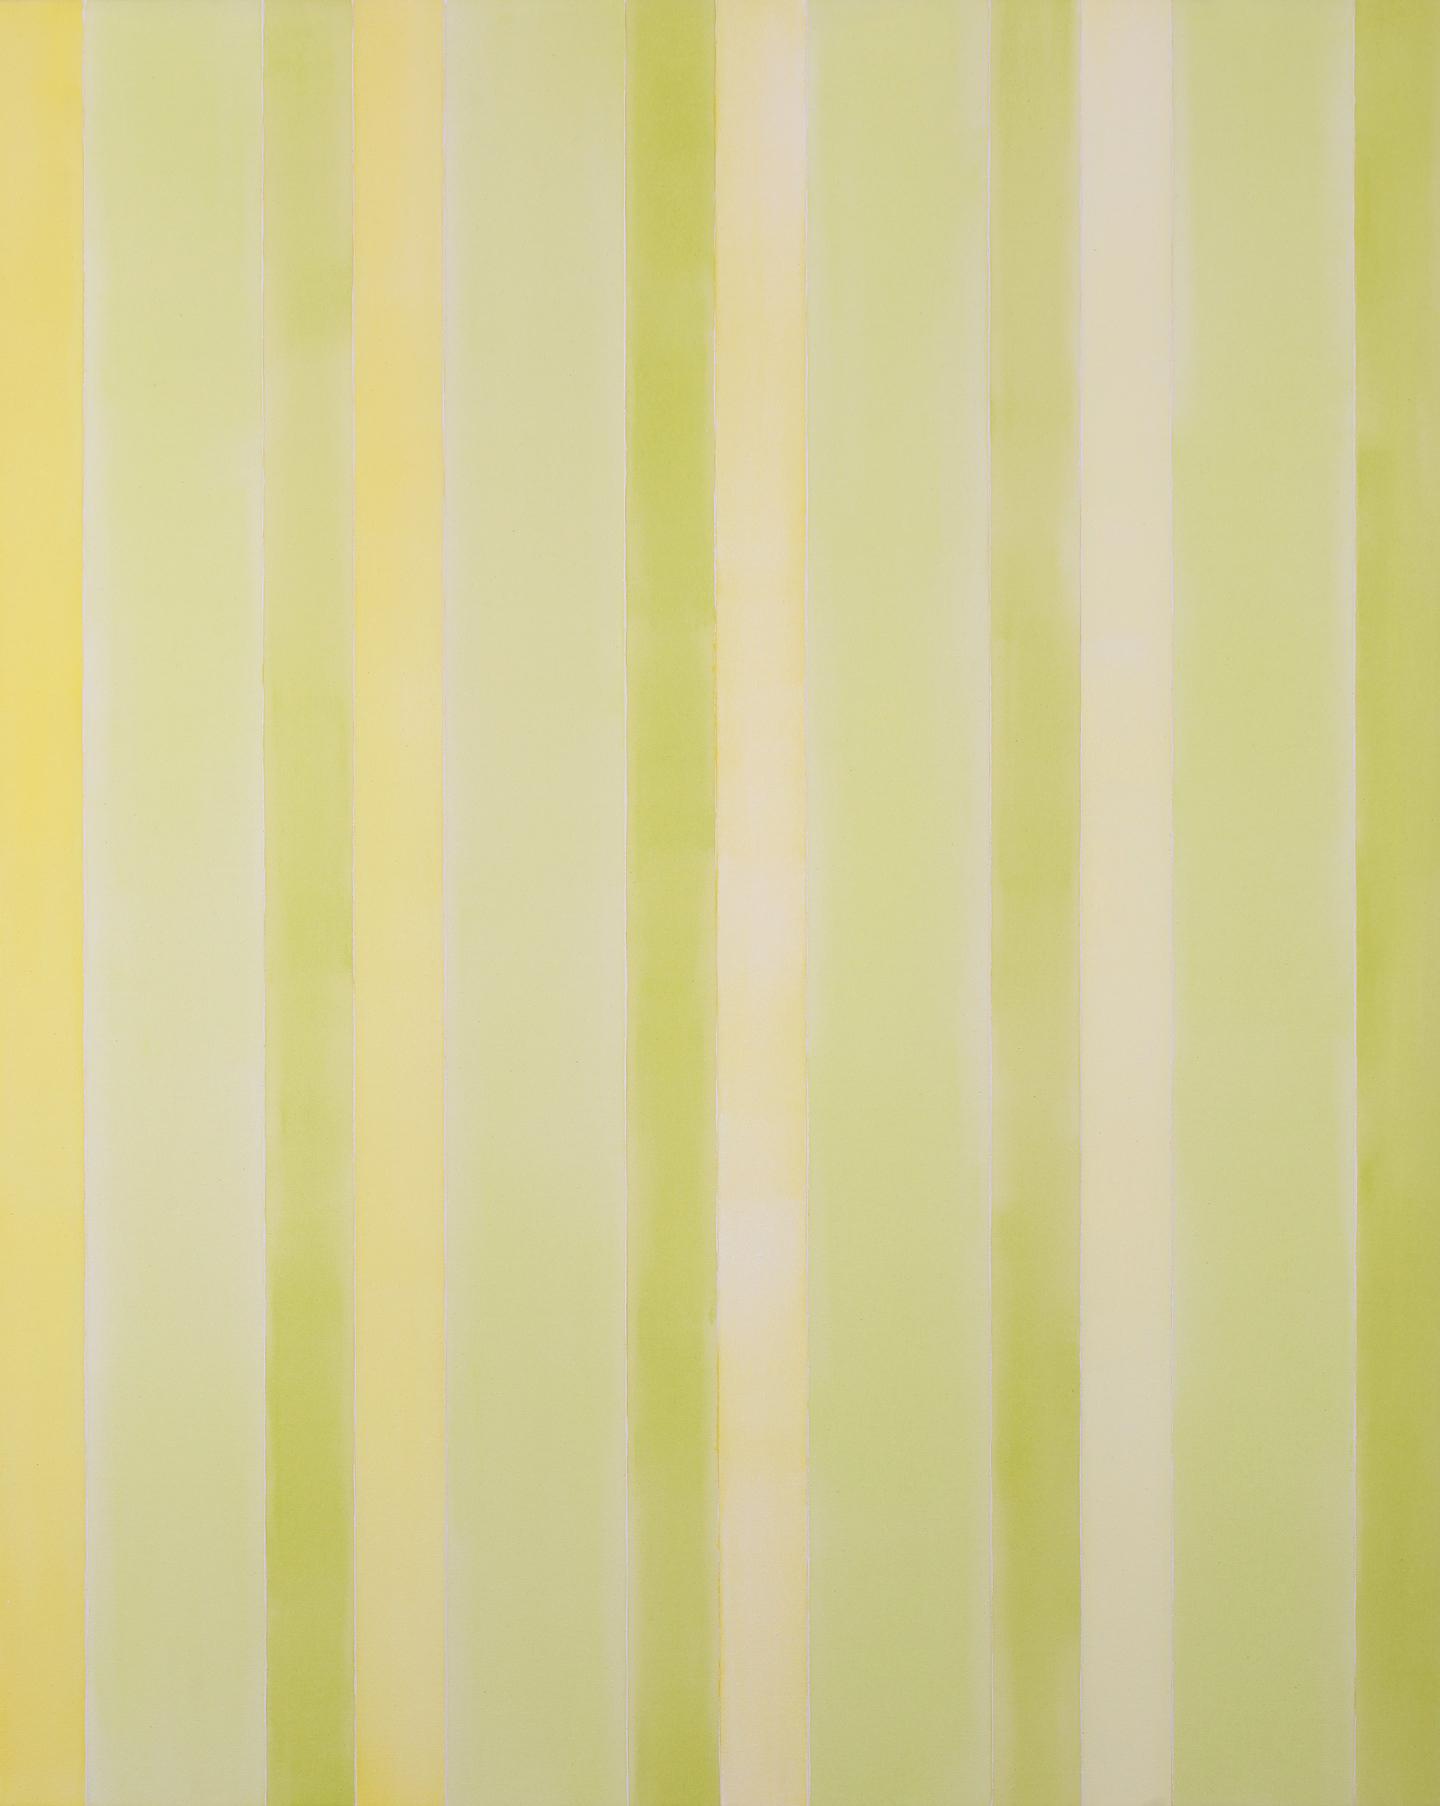 Eternal Hope (2012), acrylic on canvas, 60